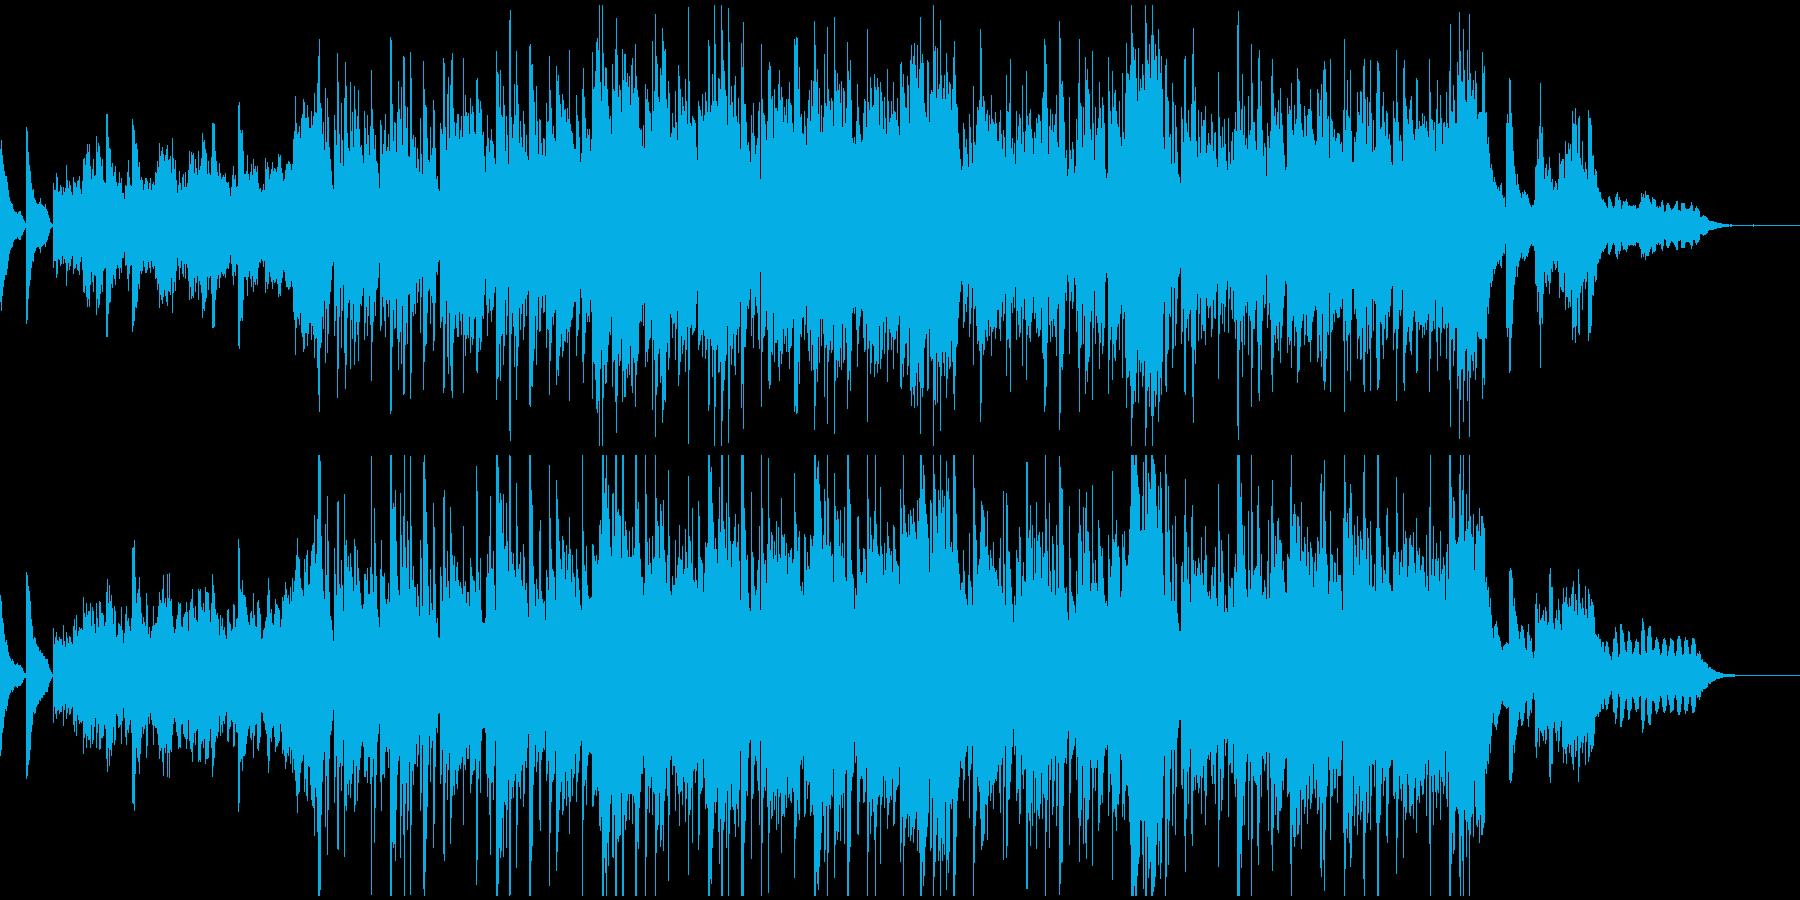 哀しくロマンに満ちた曲 の再生済みの波形